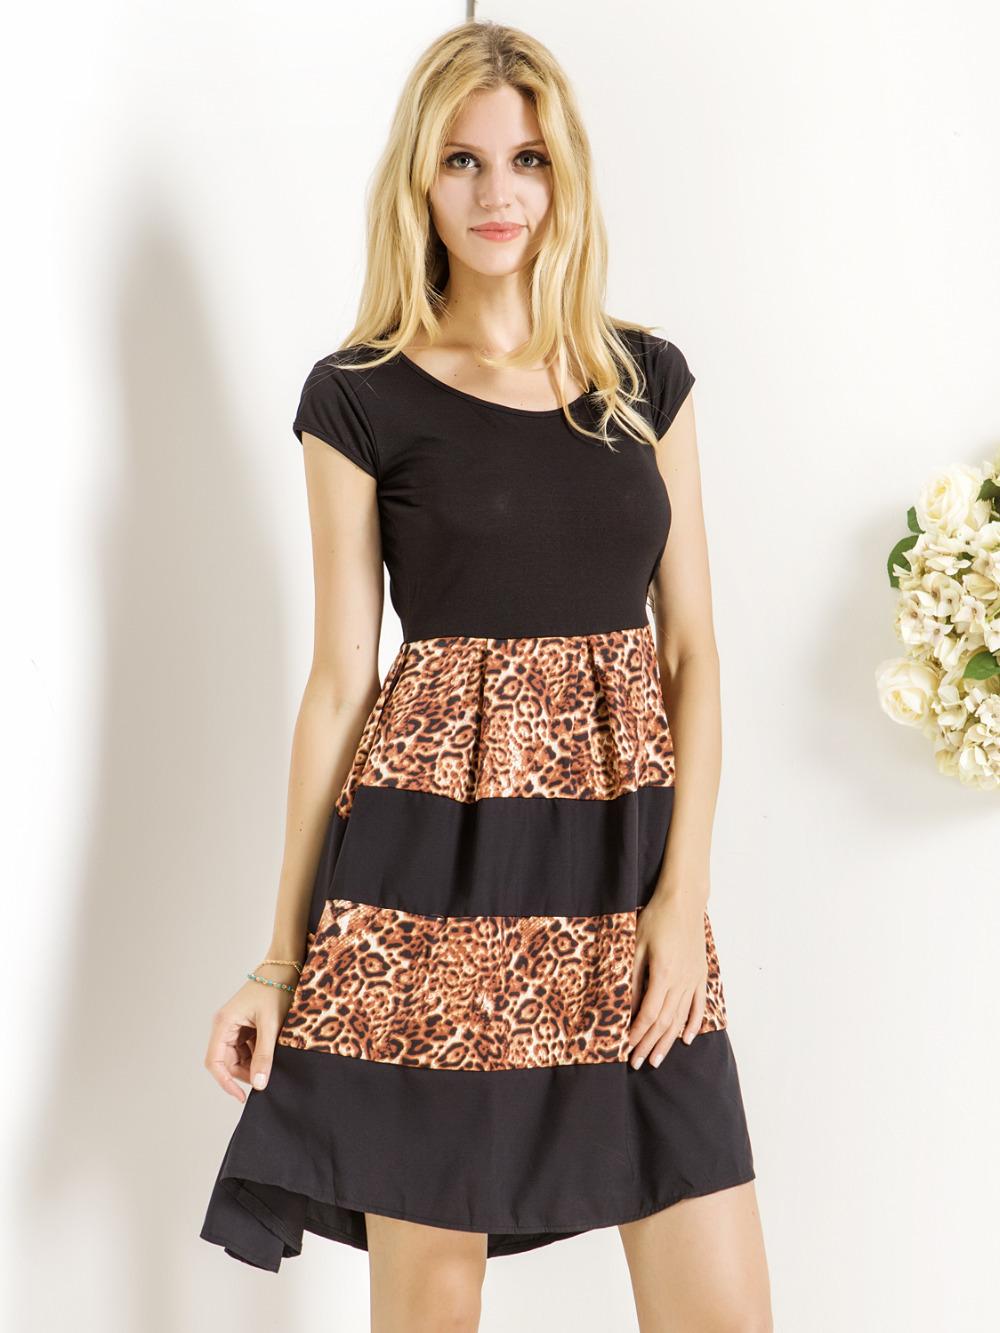 65a735ccb5 Get Quotations · 2015 Women Midi Dress Short Sleeve Patching Leopard Casual  High Waist A Line Skater Dress Vestidos